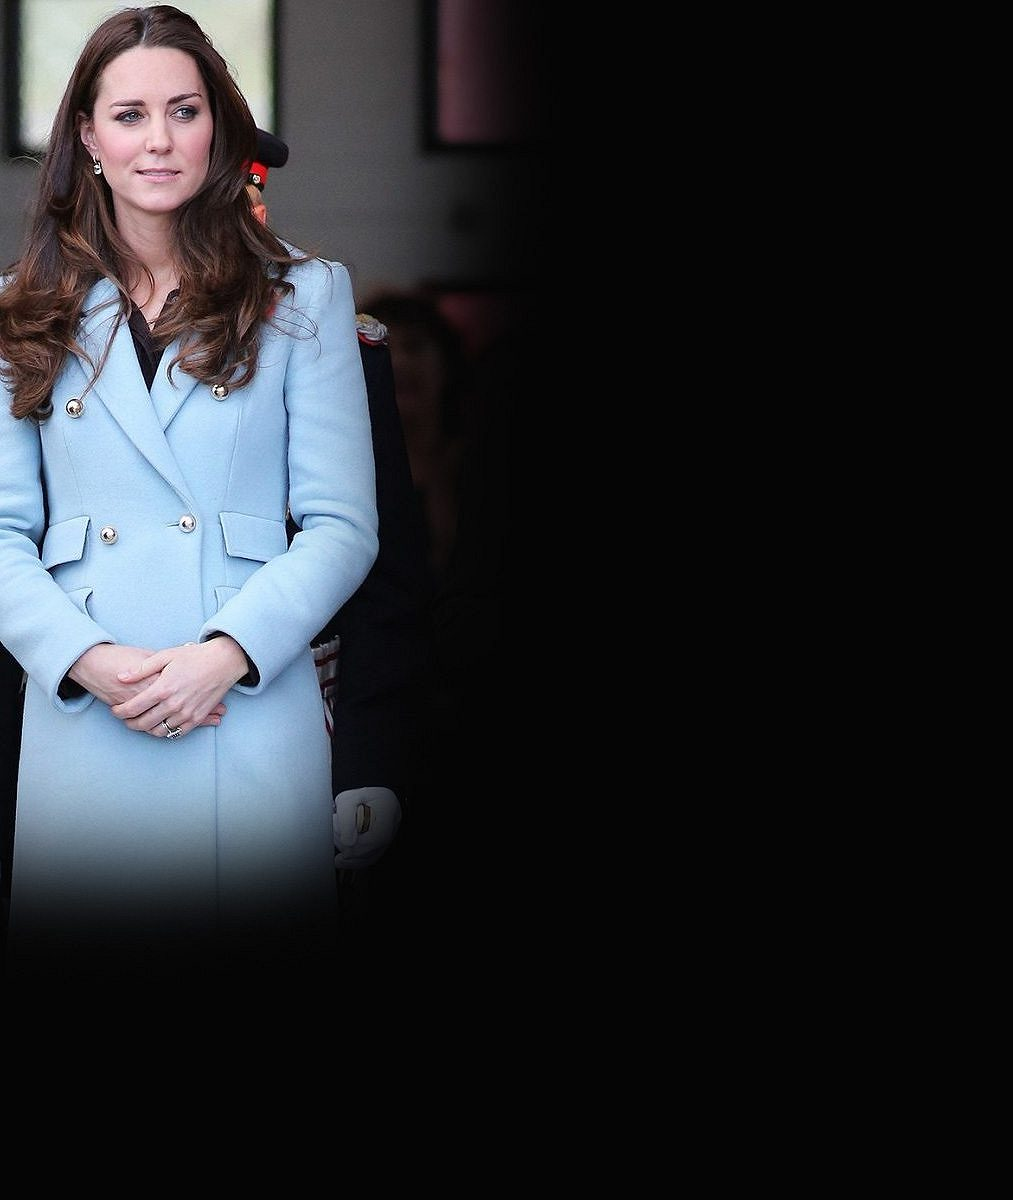 Vévodkyni Kate je konečně zase do smíchu: Takhle nastávající maminka rozdávala okouzlující úsměvy